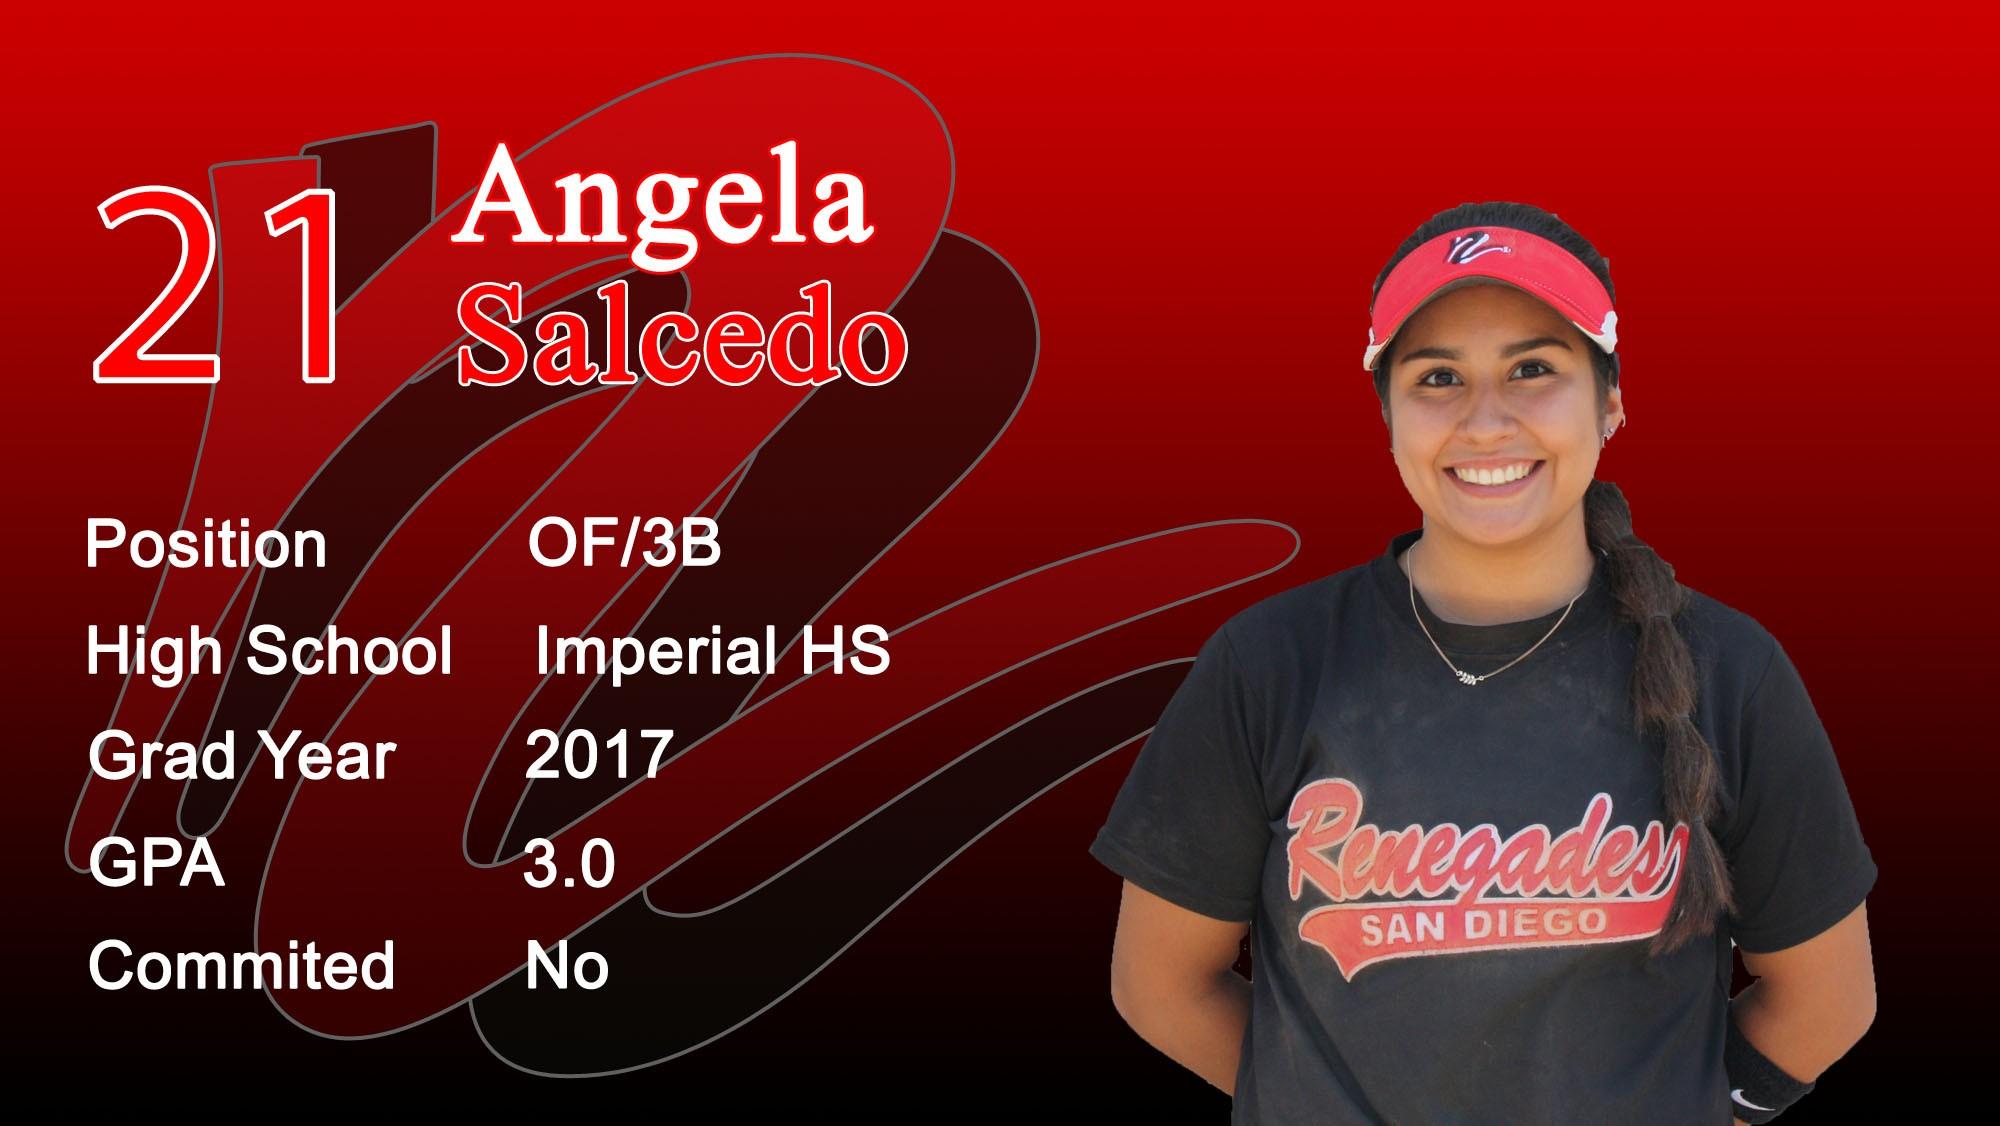 Angela salcedo